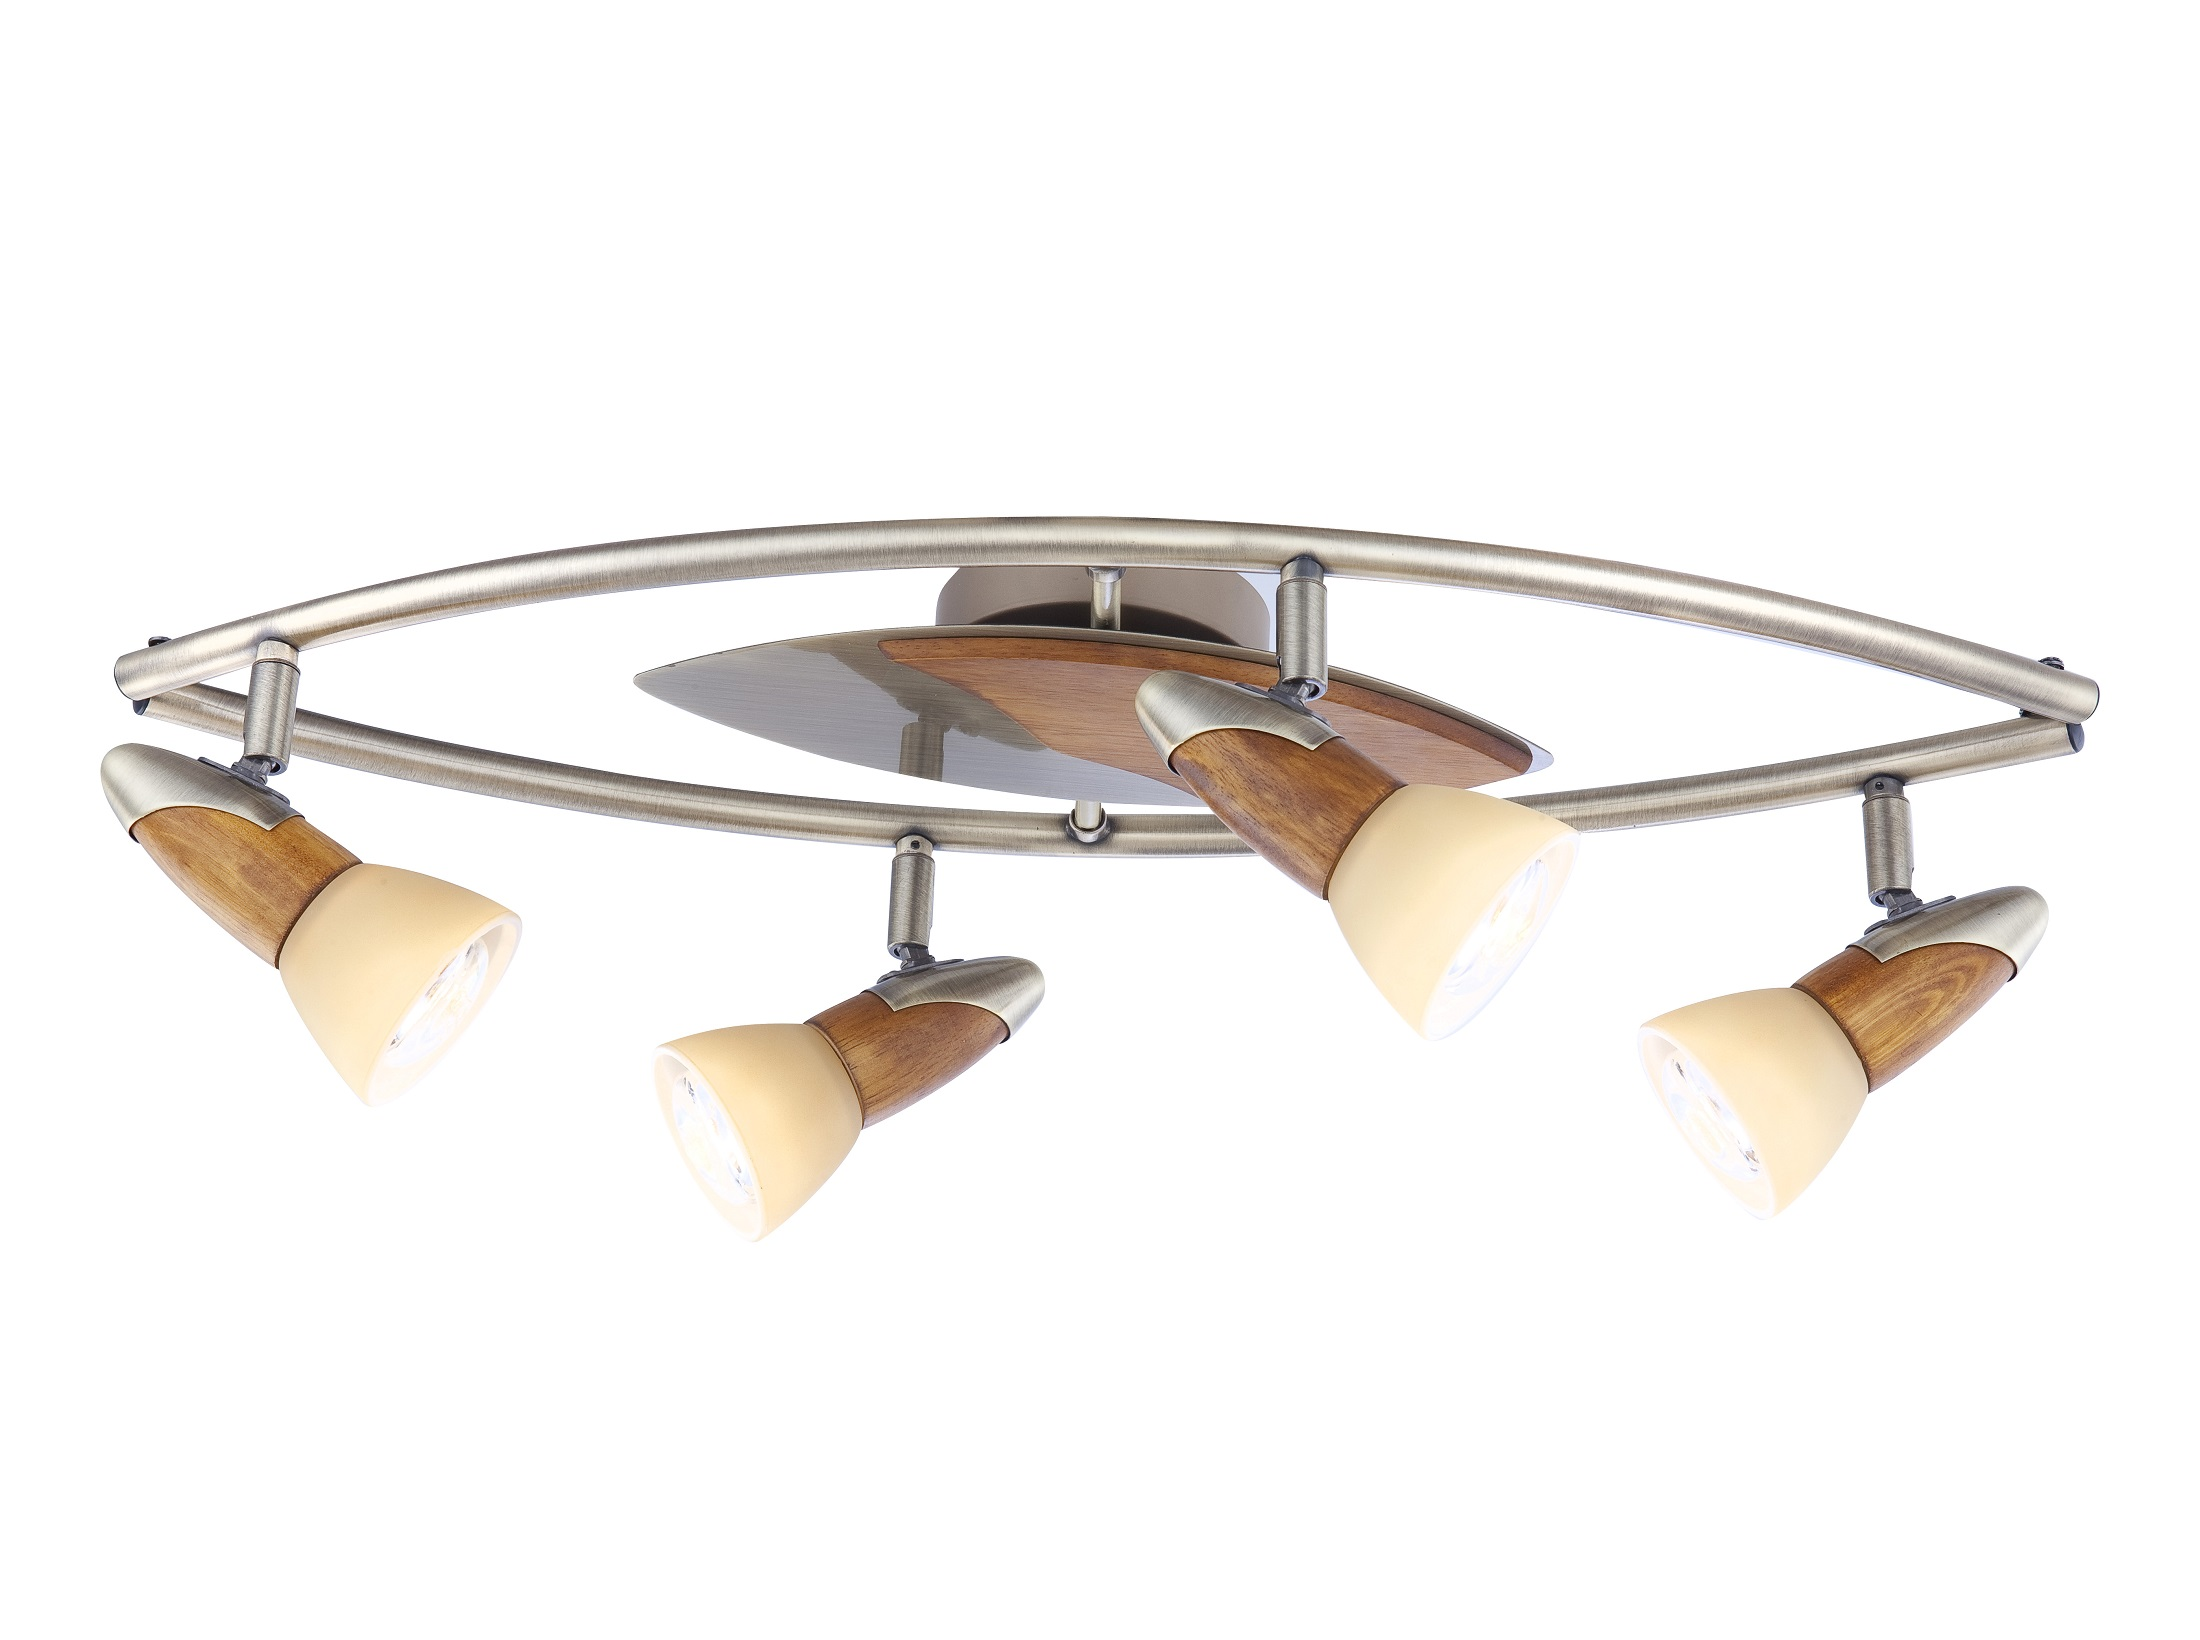 СпотСпоты<br><br>Вид цоколя: E14<br>Мощность:  40W <br>Количество ламп: 4 (нет в комплекте)<br>